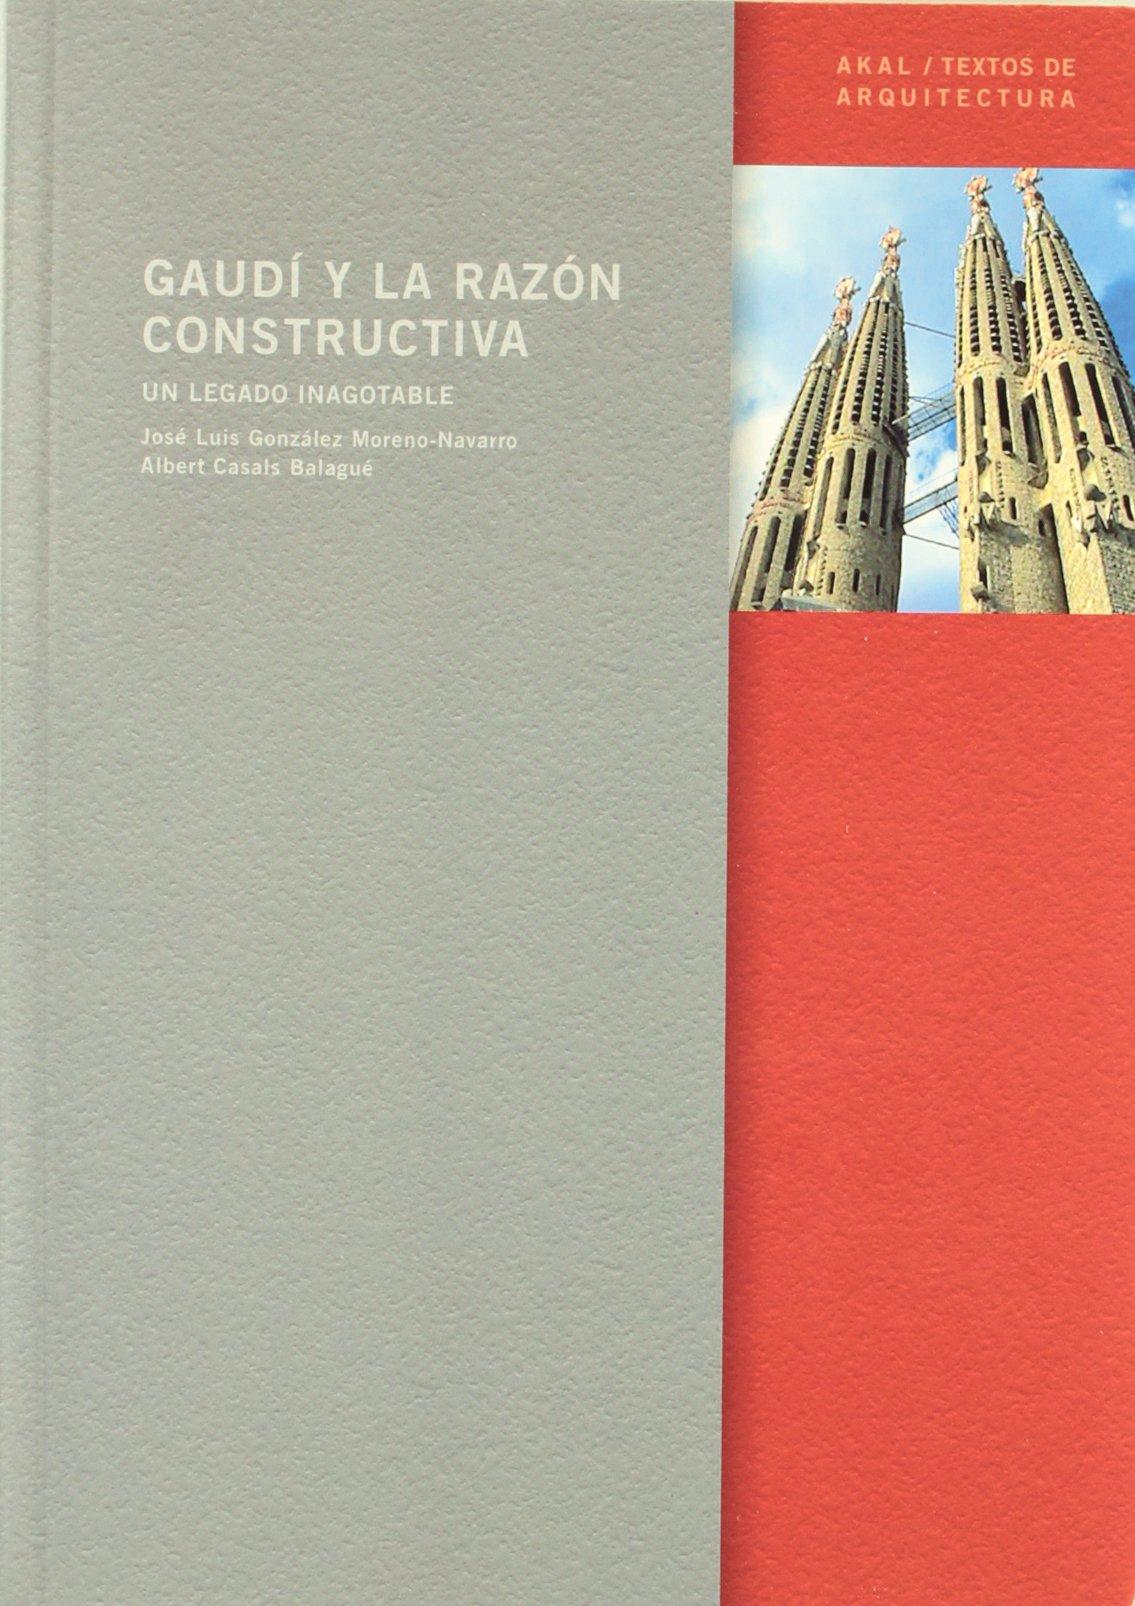 Gaudí y la razón constructiva Textos de arquitectura: Amazon.es: Albert Casals Balagué, José Luis González Moreno-Navarro: Libros